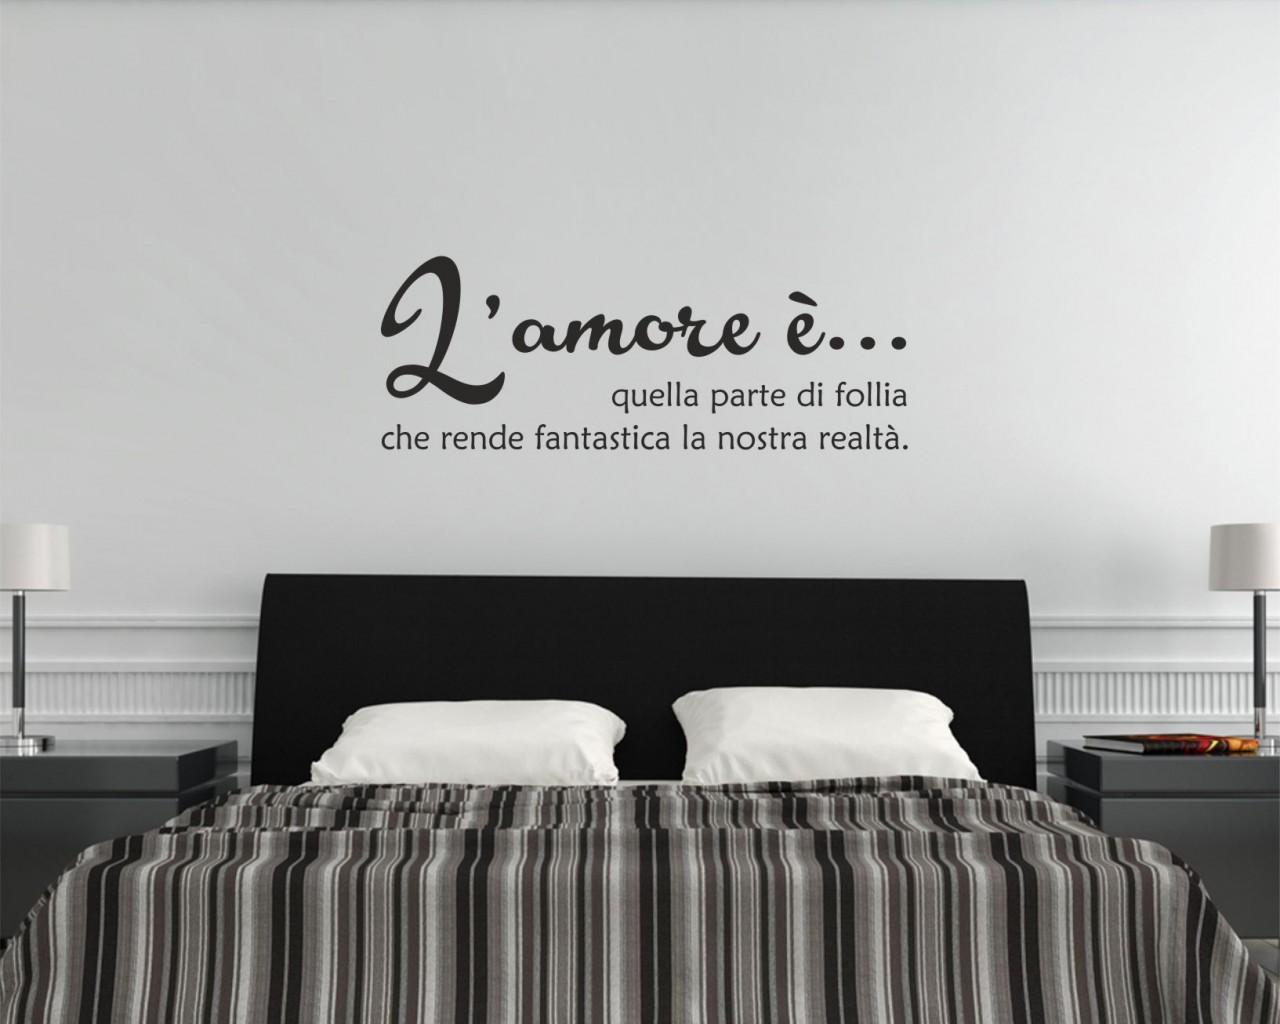 L amore e follia frasi aforismi citazioni adesivo - Scene di amore a letto ...